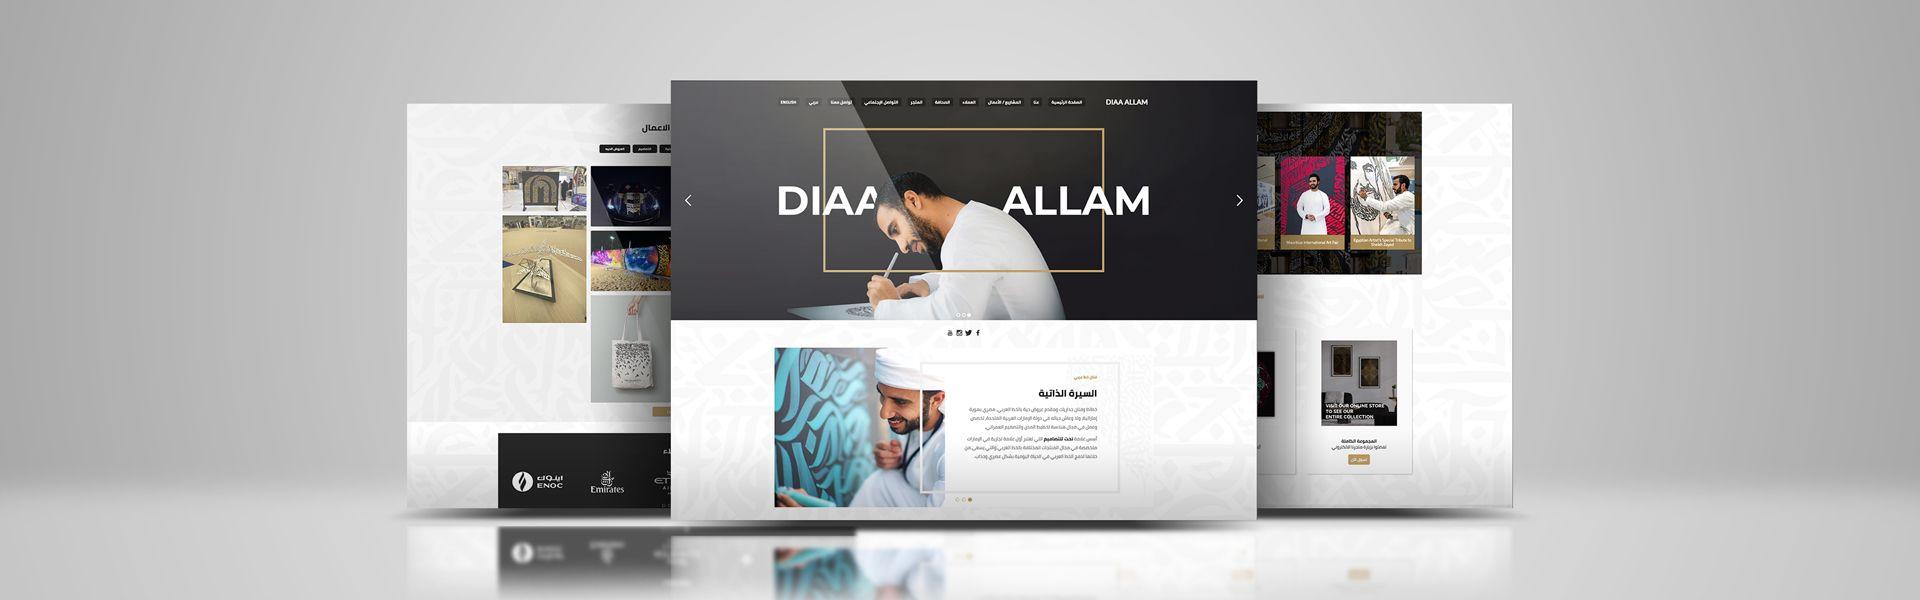 Diaa Allam - Artist and Calligrapher